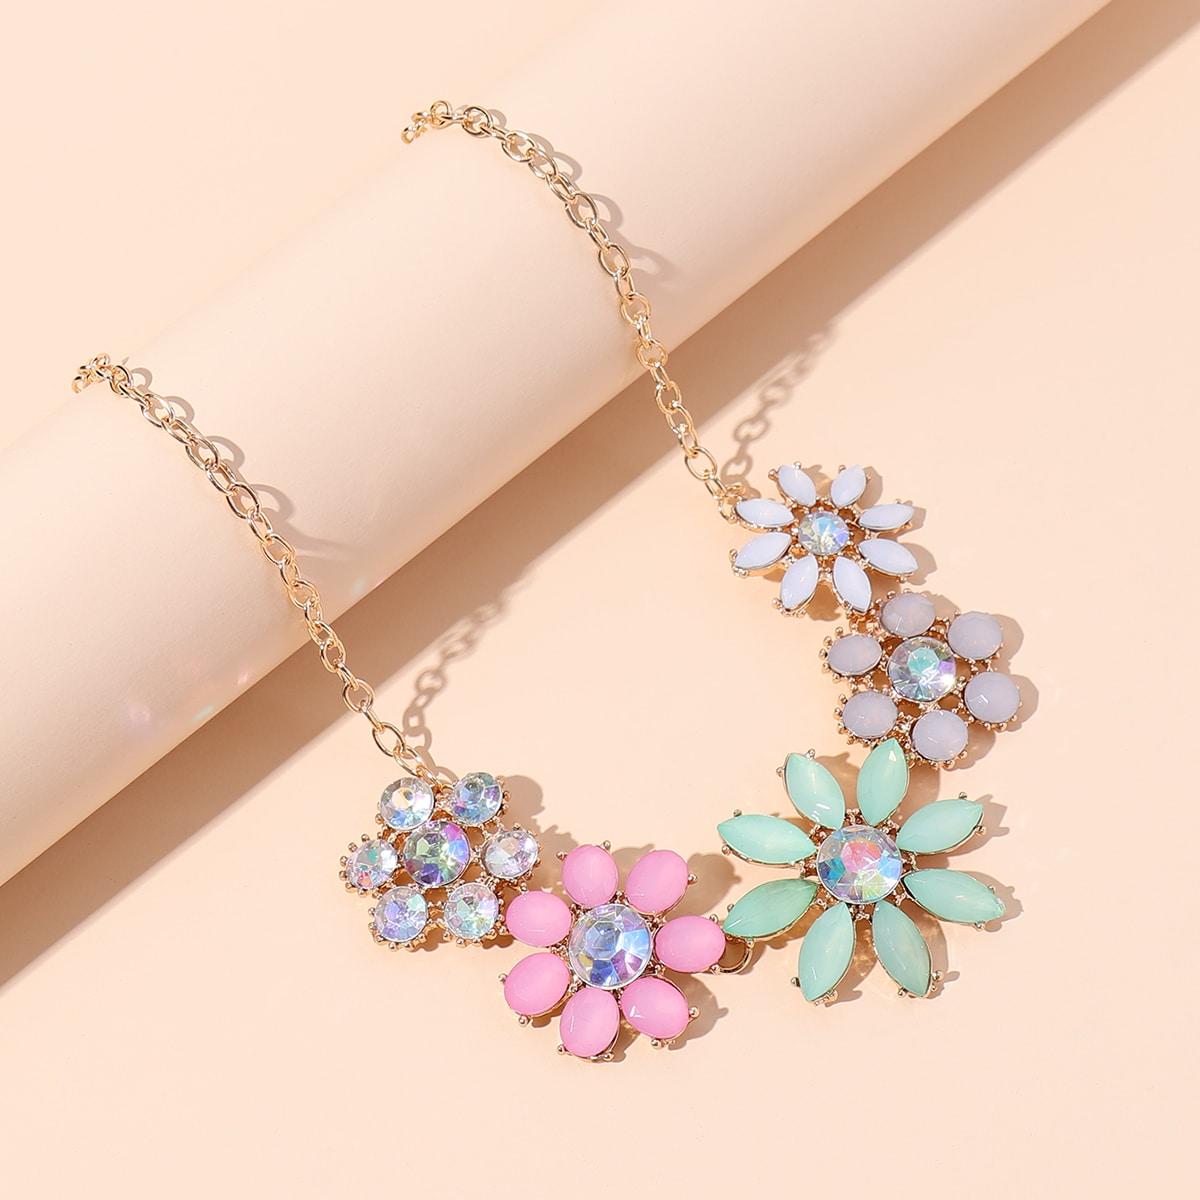 Collier avec pierre et fleur